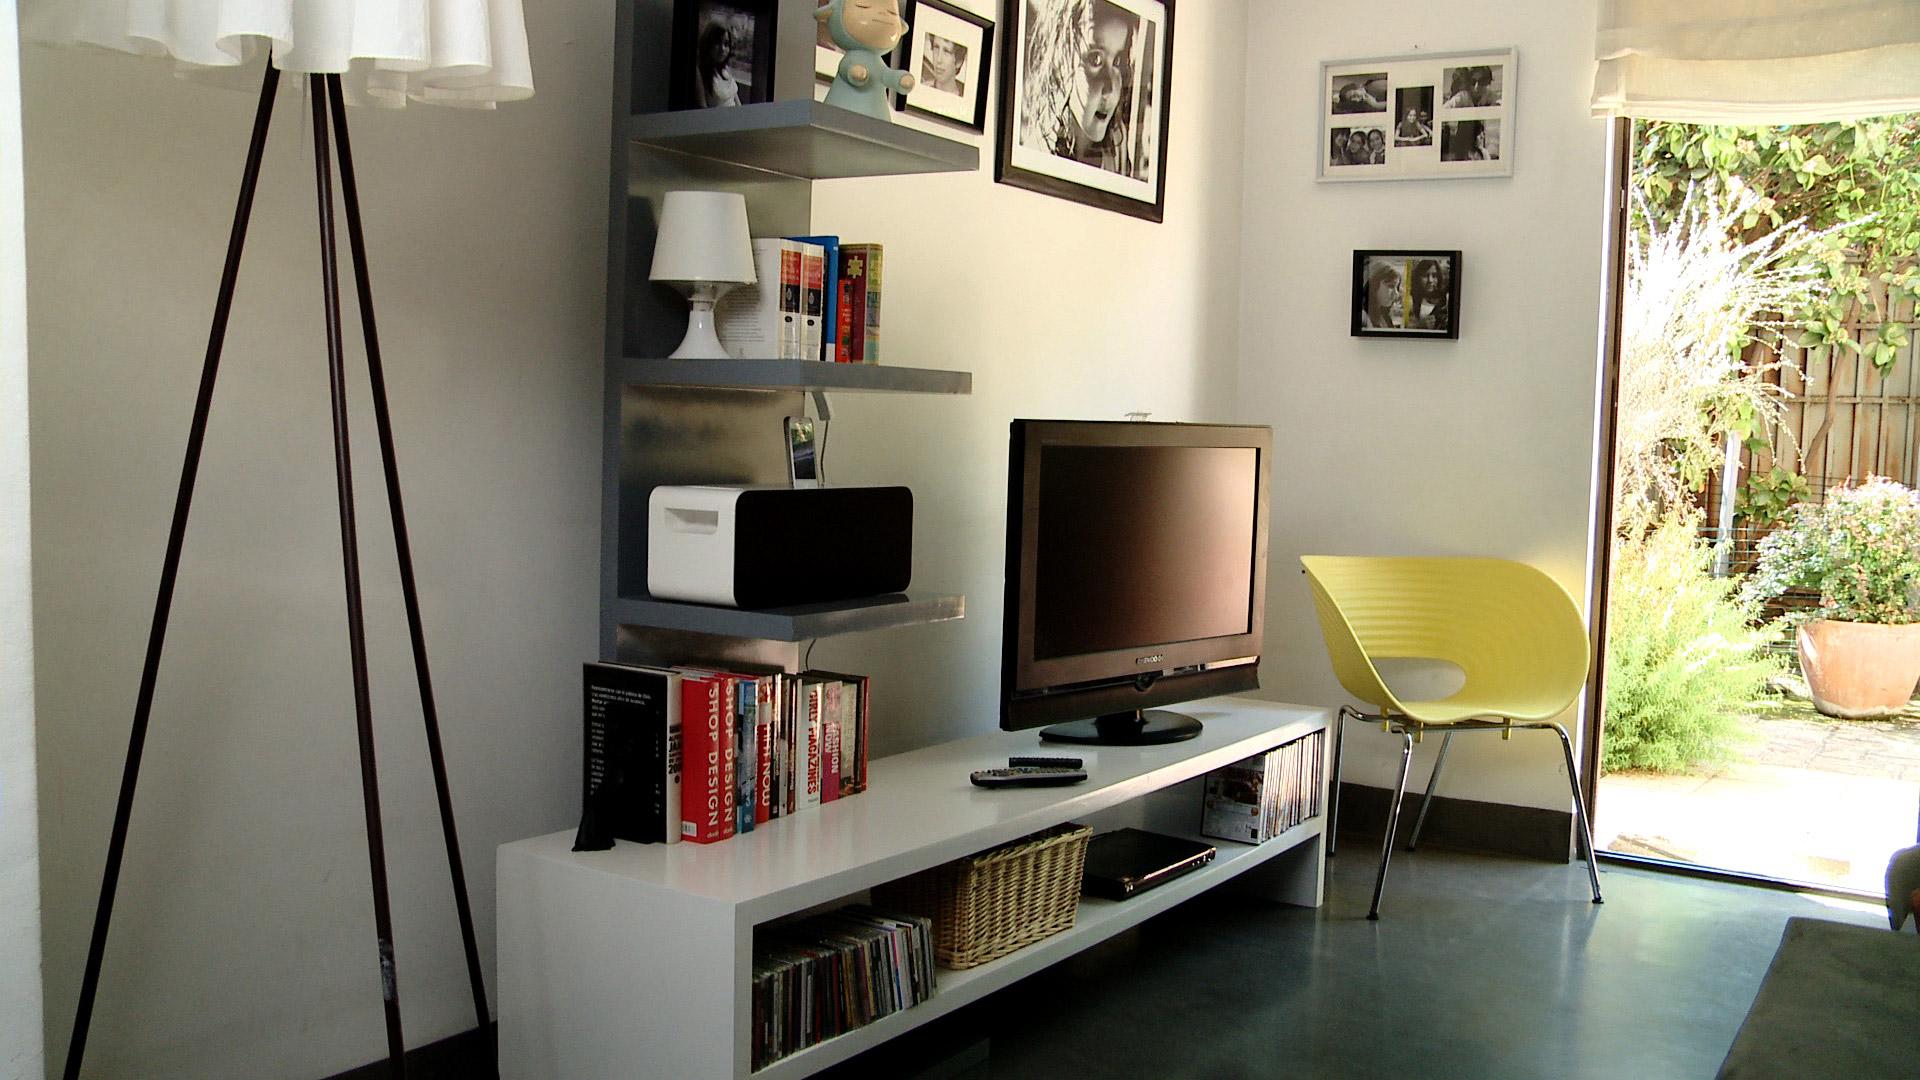 Hágalo Usted Mismo  ¿Cómo construir un estante y rack modular?